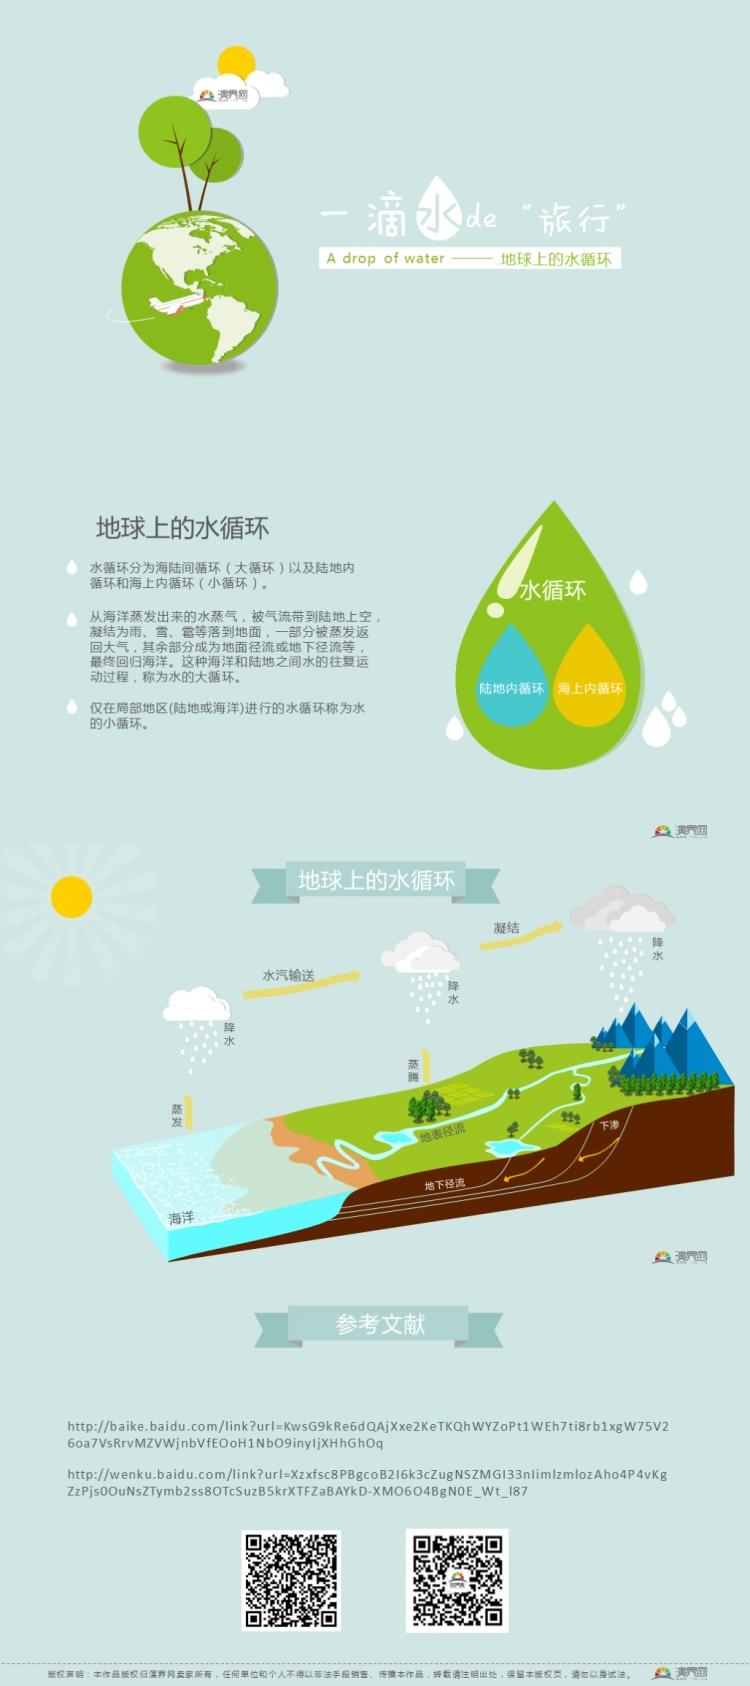 作品标题:【地理科学】一滴水的旅行(地球上的水循环)